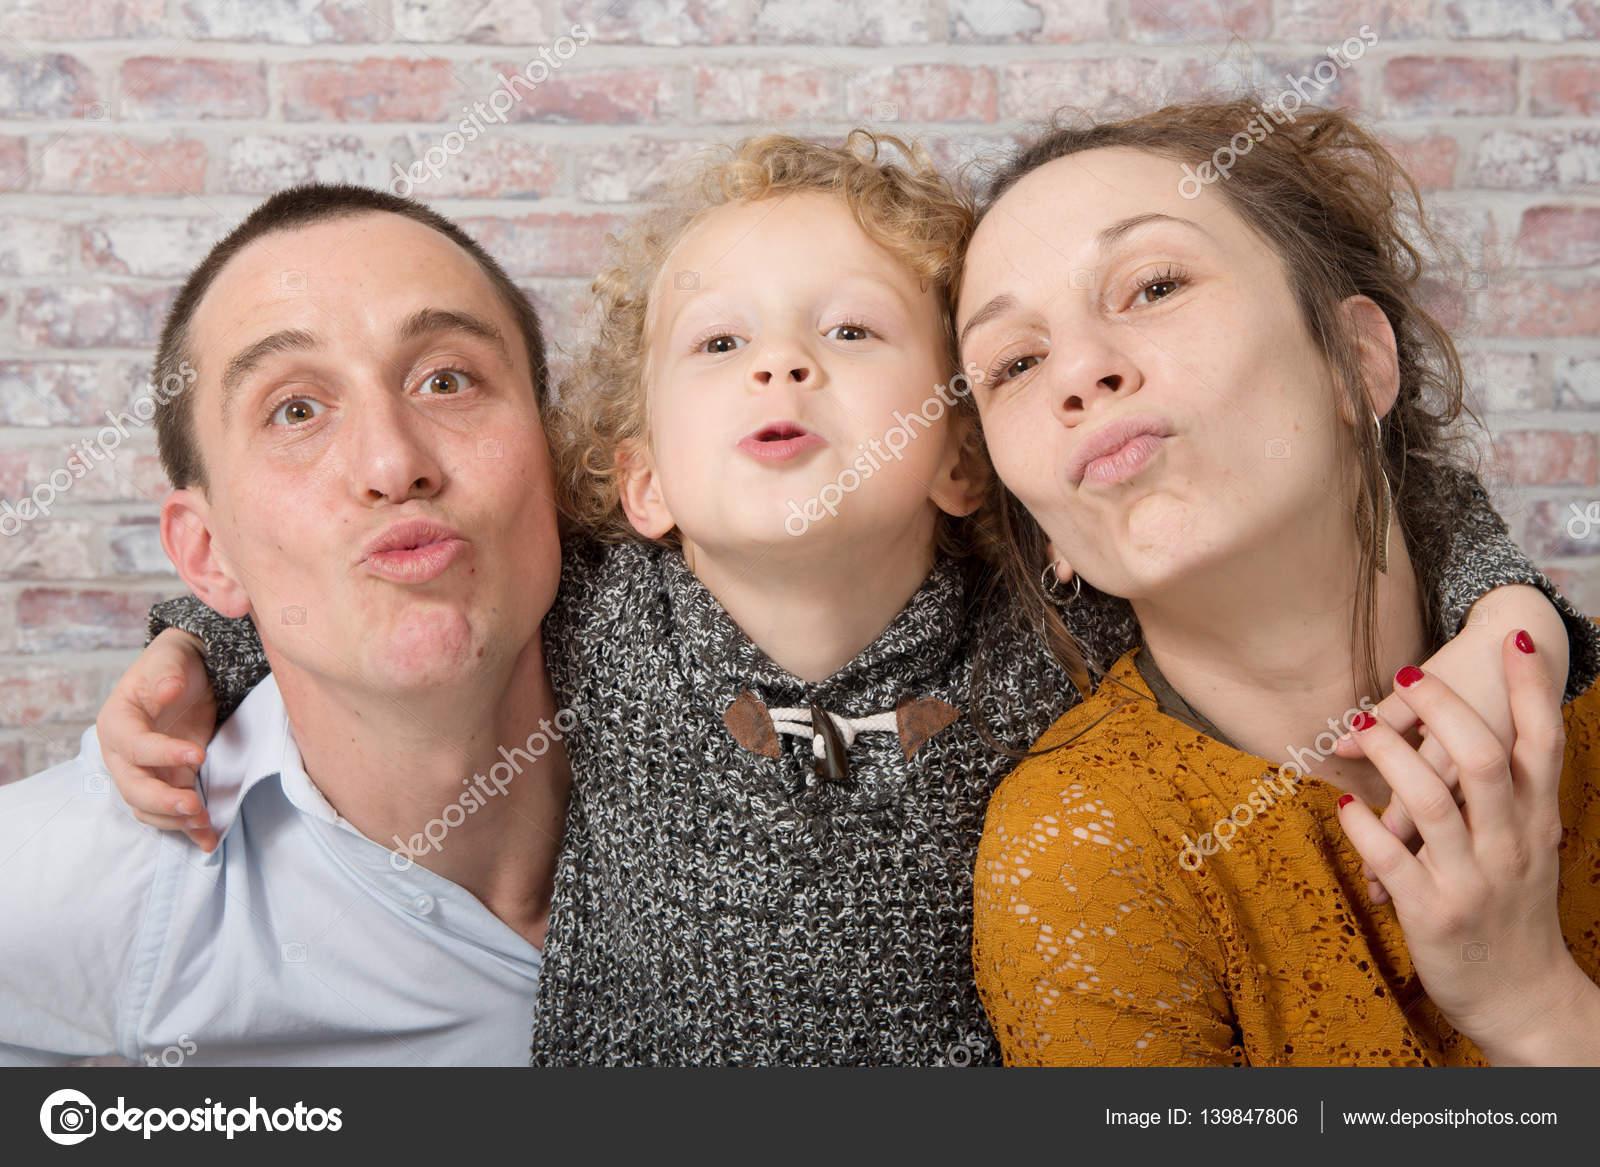 μαμά και γιός σεξ φωτογραφίες δωρεάν